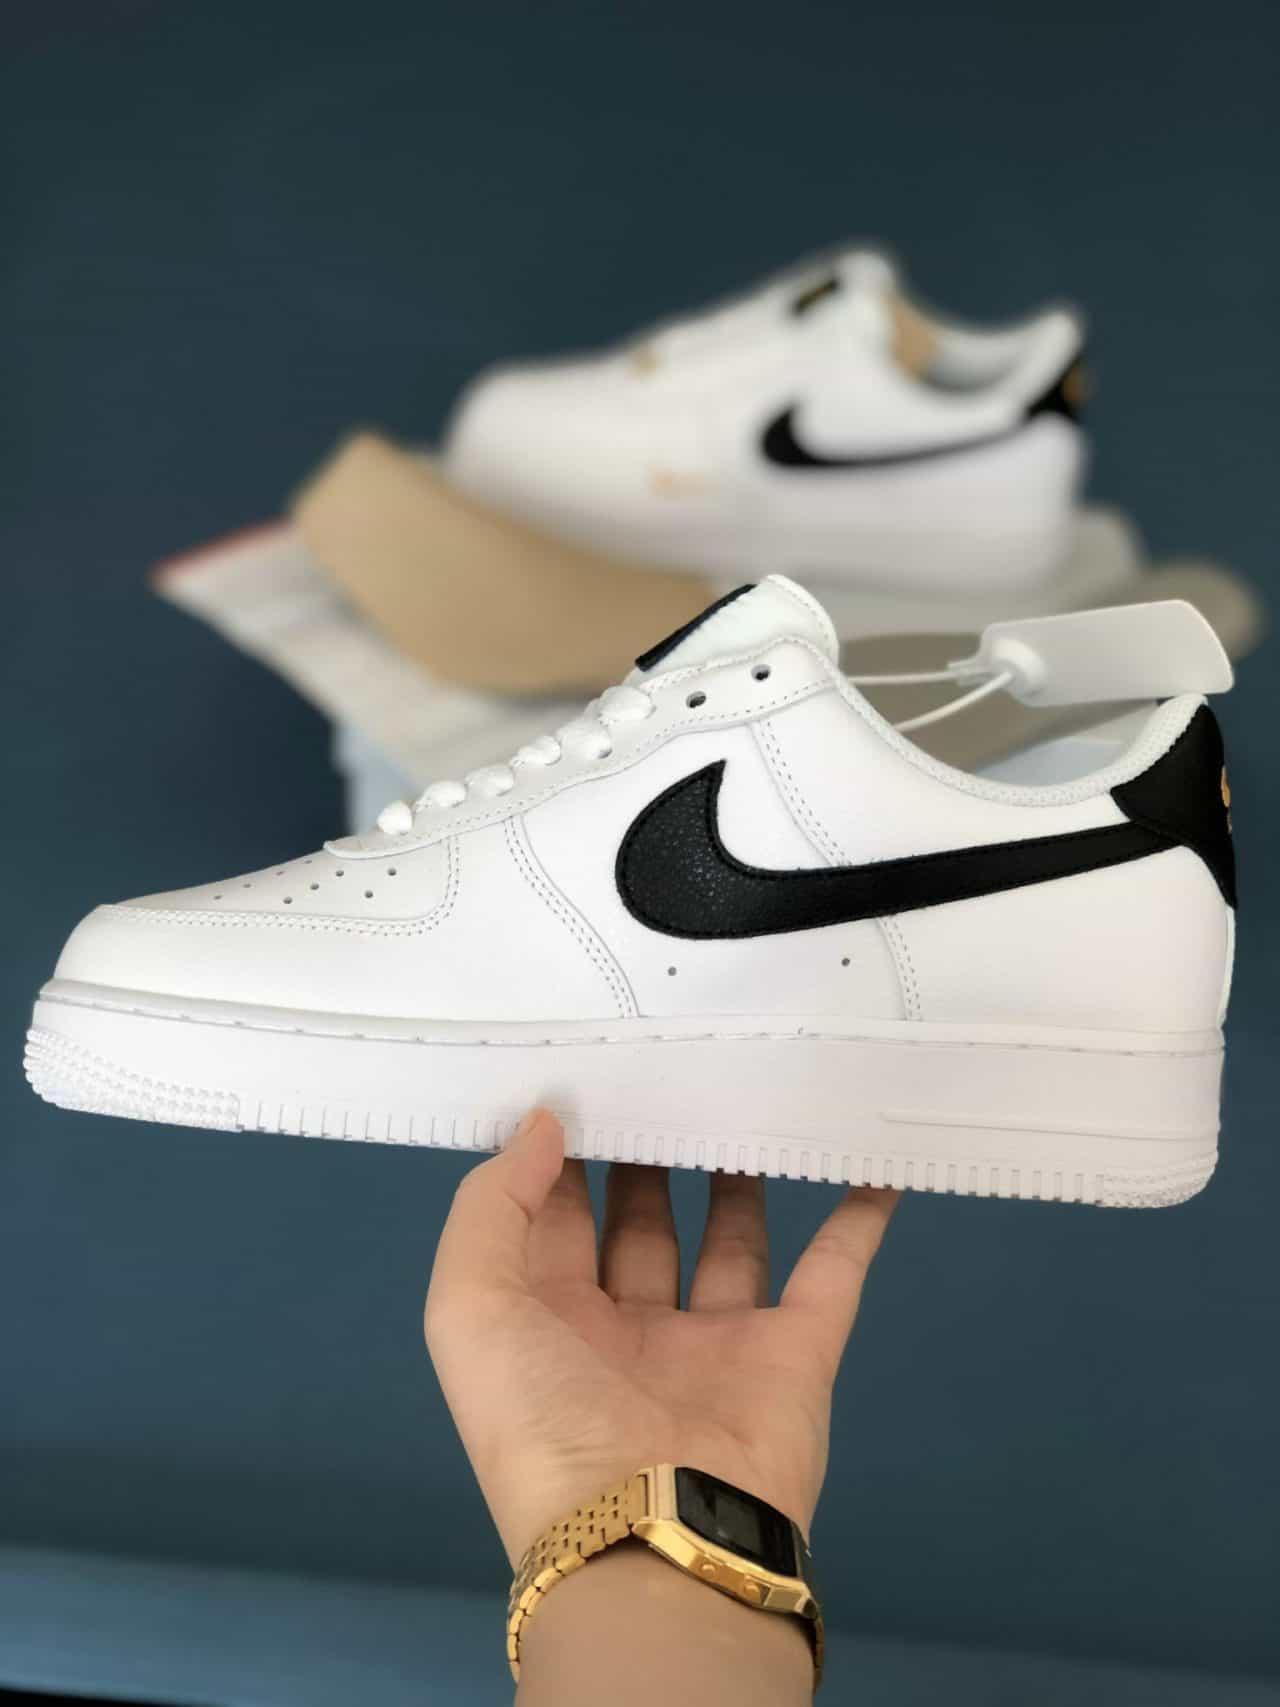 Giày Nike Air Force 1 tick Vàng rep 1:1 là mẫu giày được nhiều bạn trẻ ưa chuộng